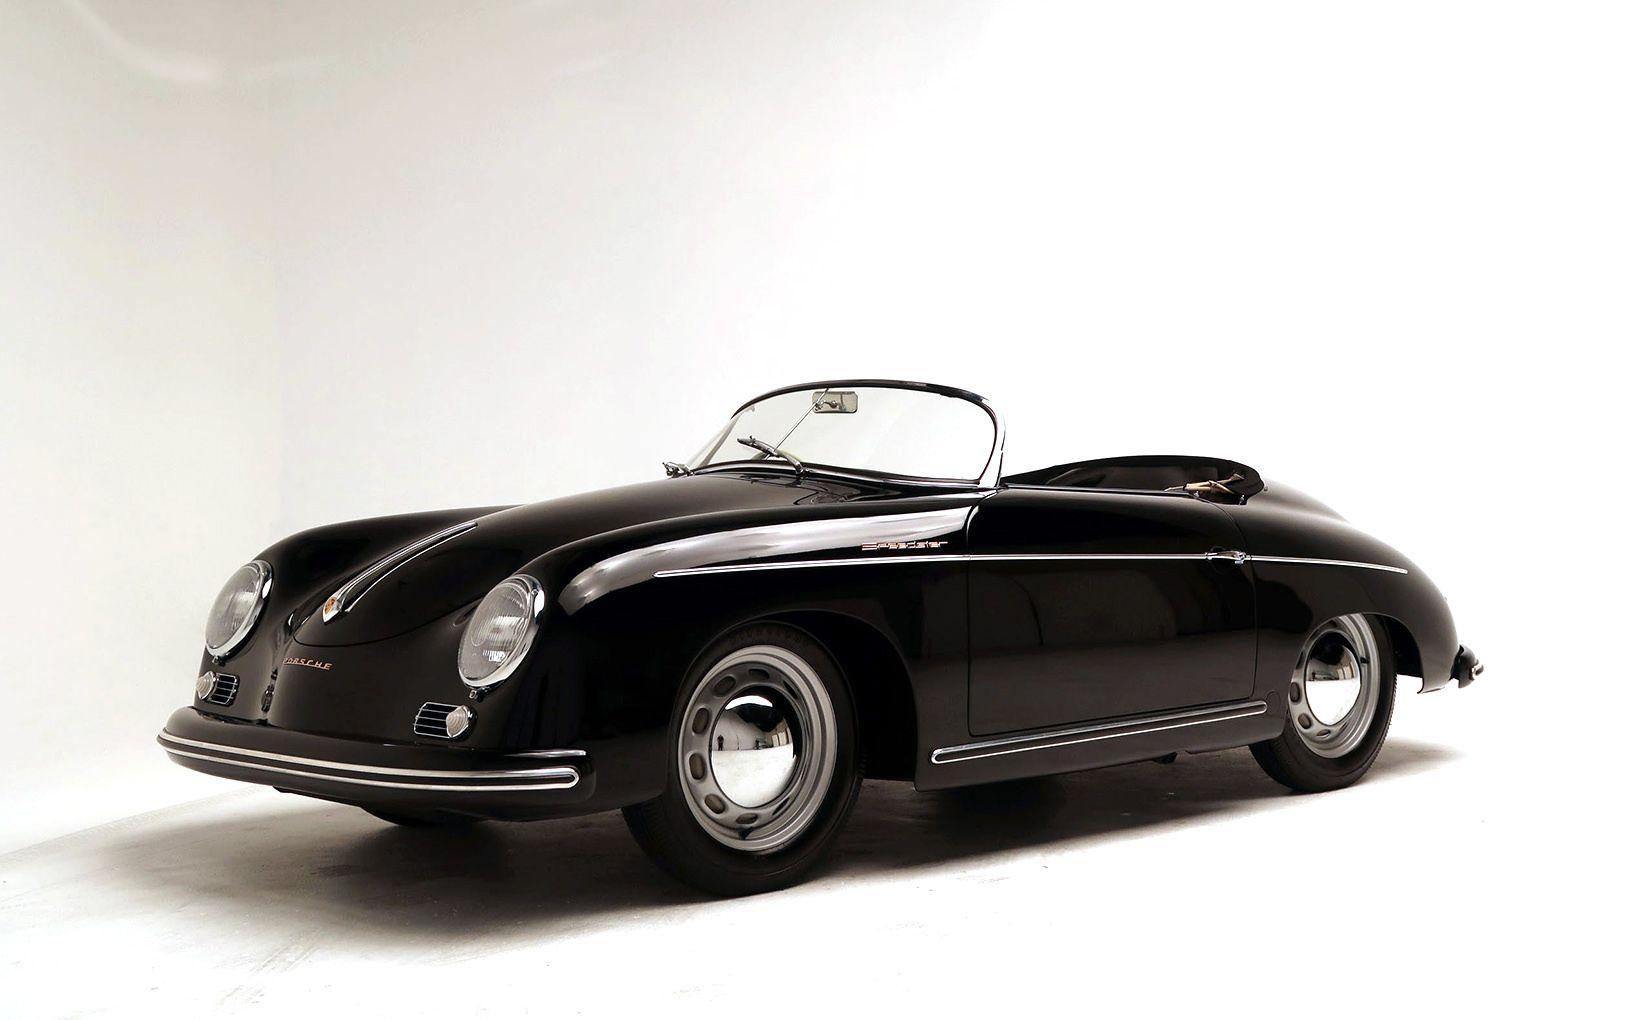 Australia's rarest Porsche set to fetch six figures at auction